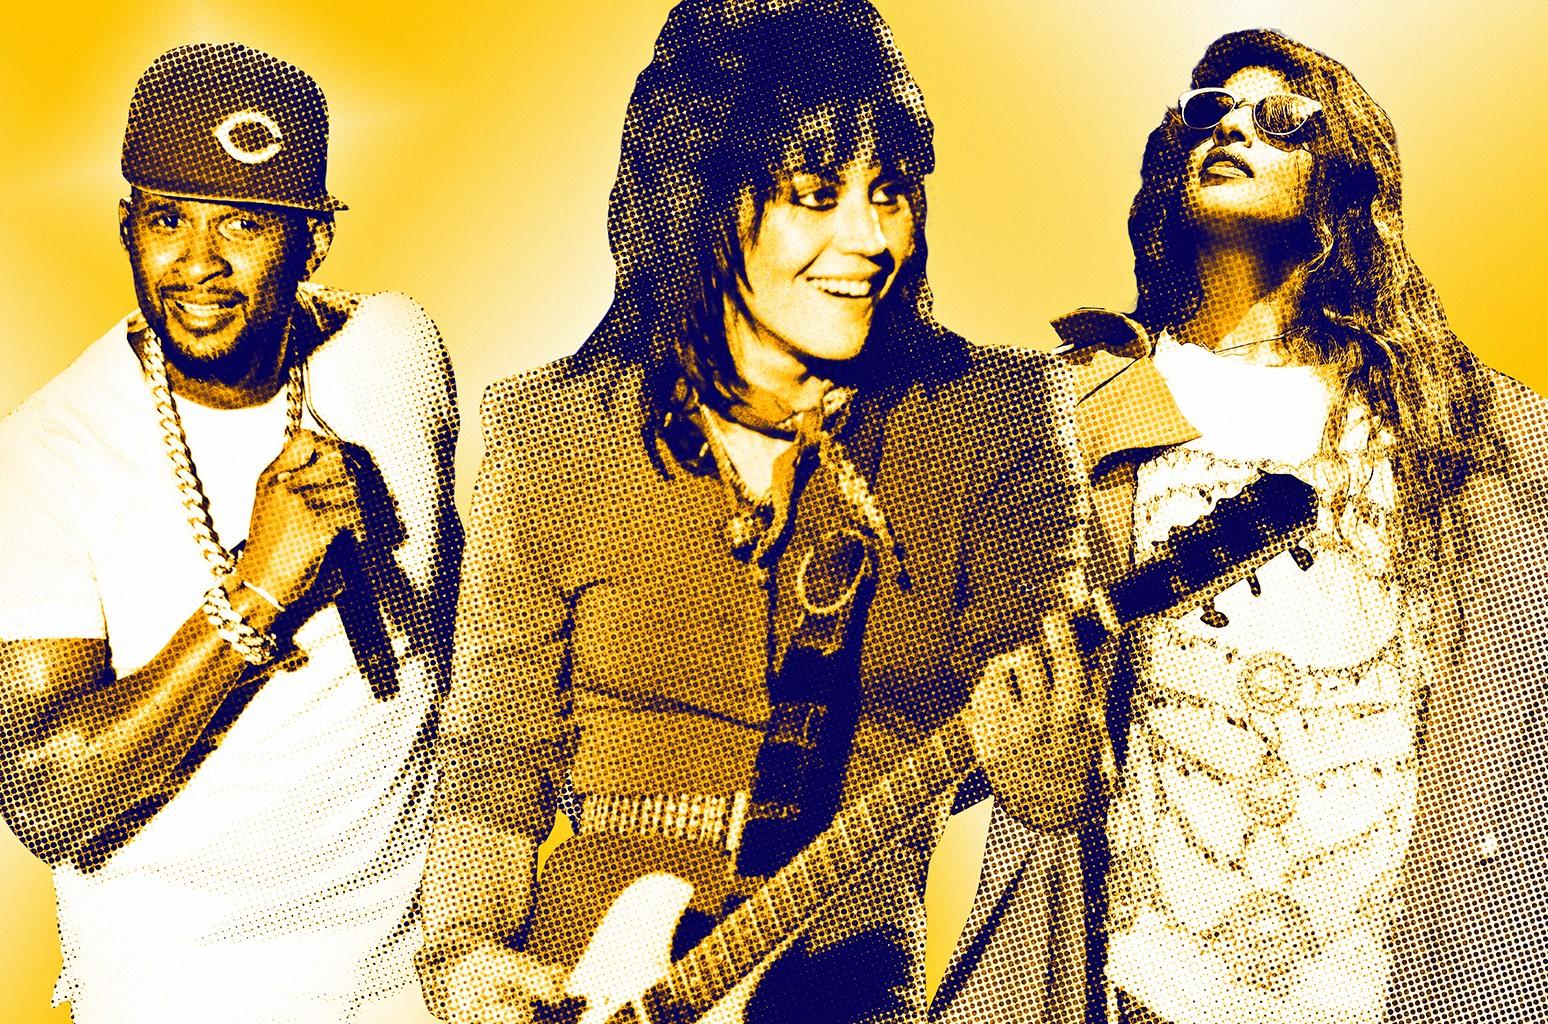 From left: Usher, Joan Jett & M.I.A.